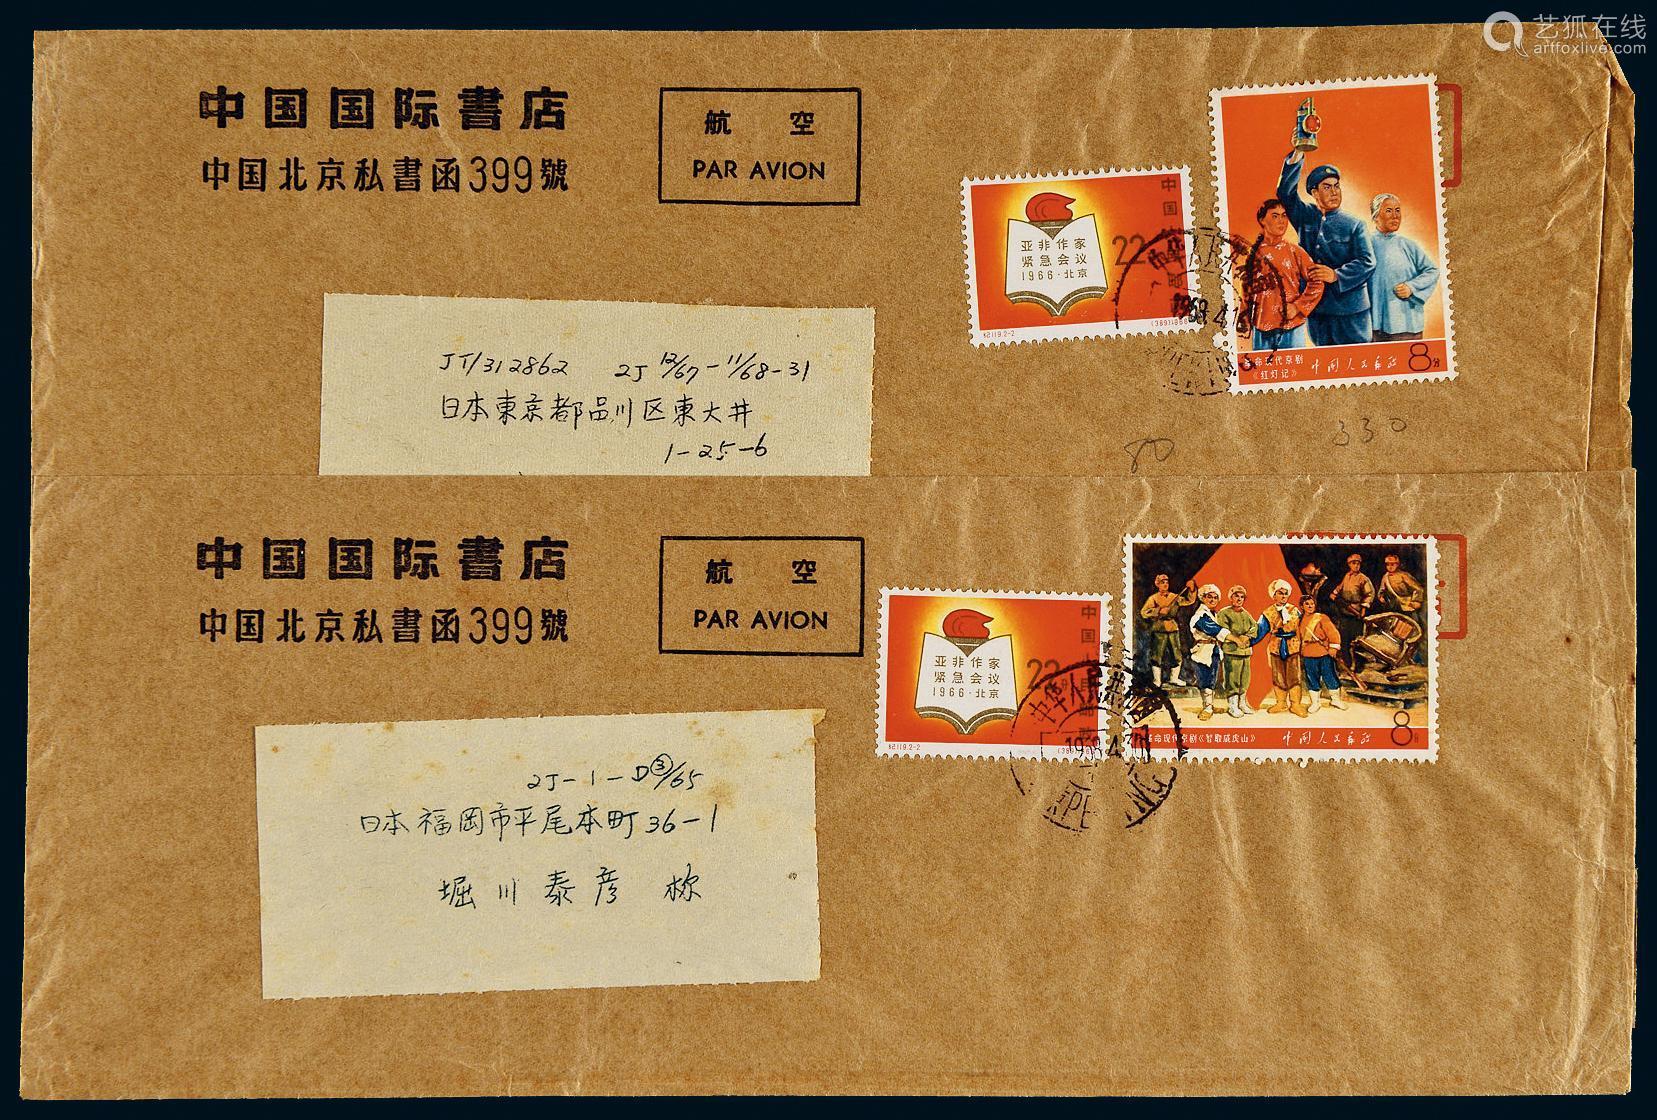 1968年北京寄日本文革航空封两件